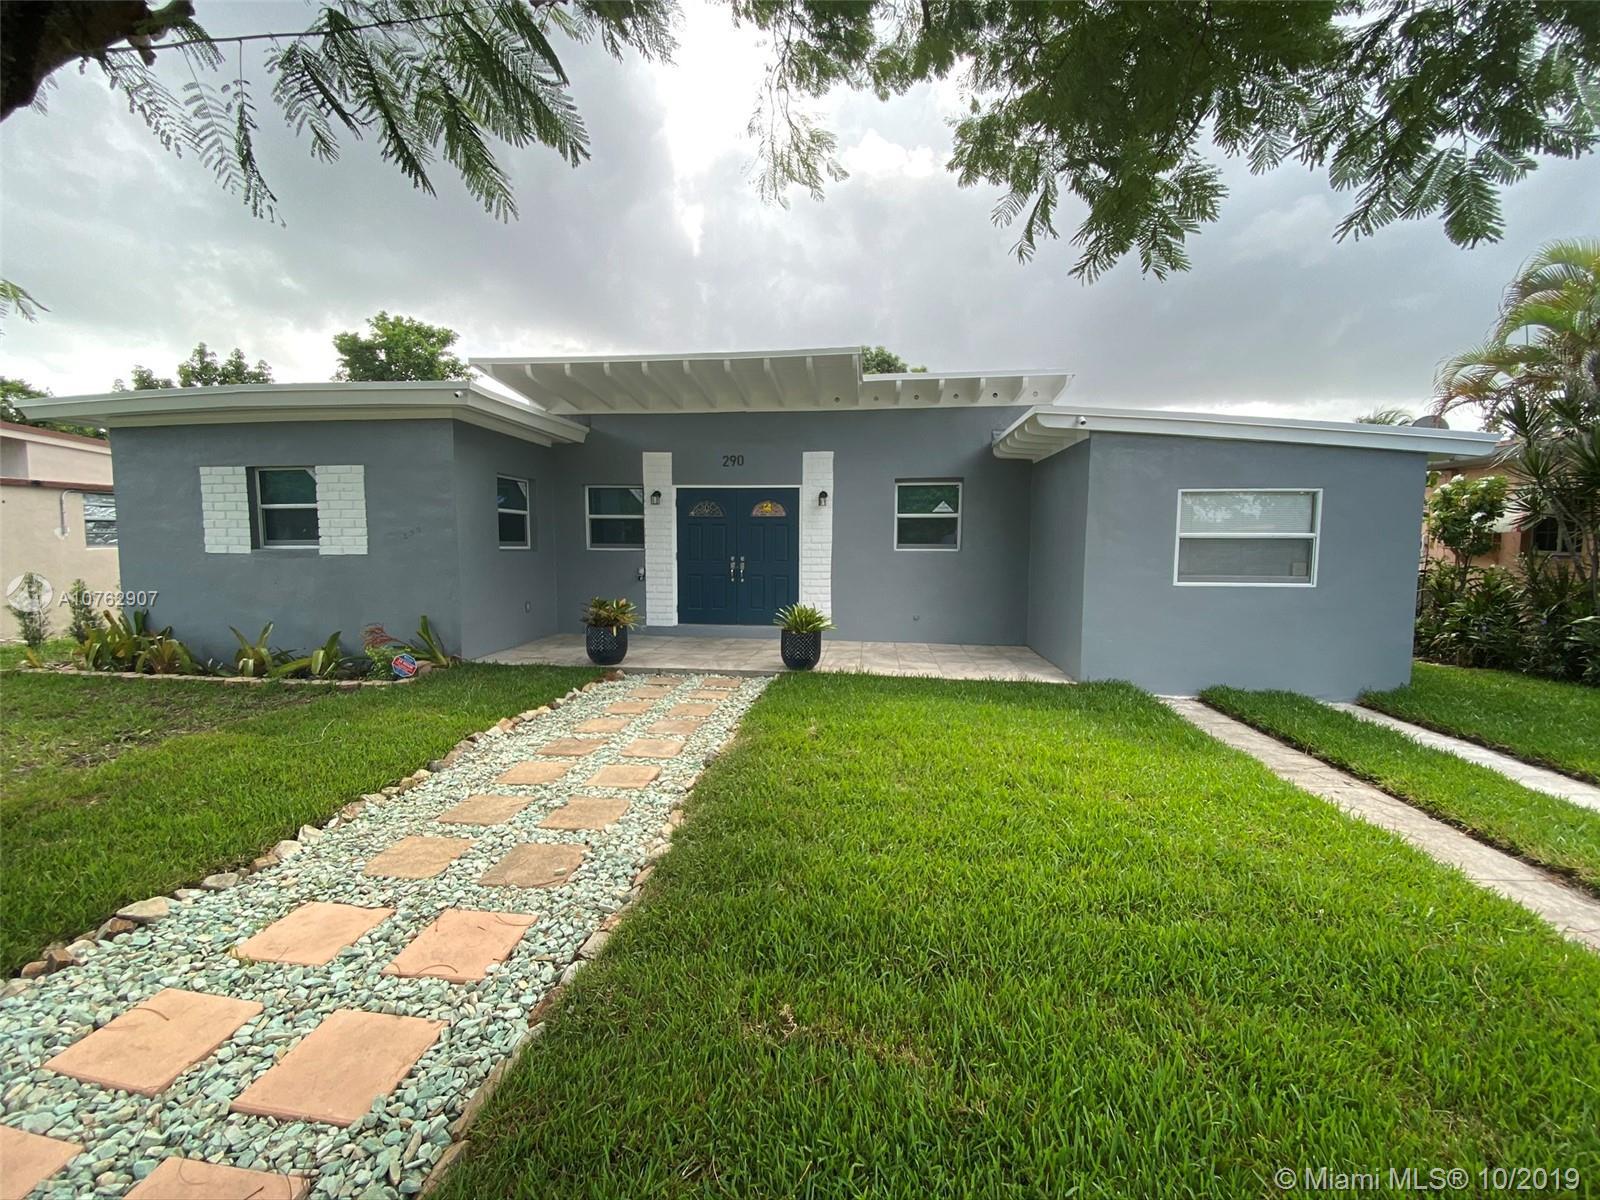 290 NW 111th St, Miami Shores, FL 33168